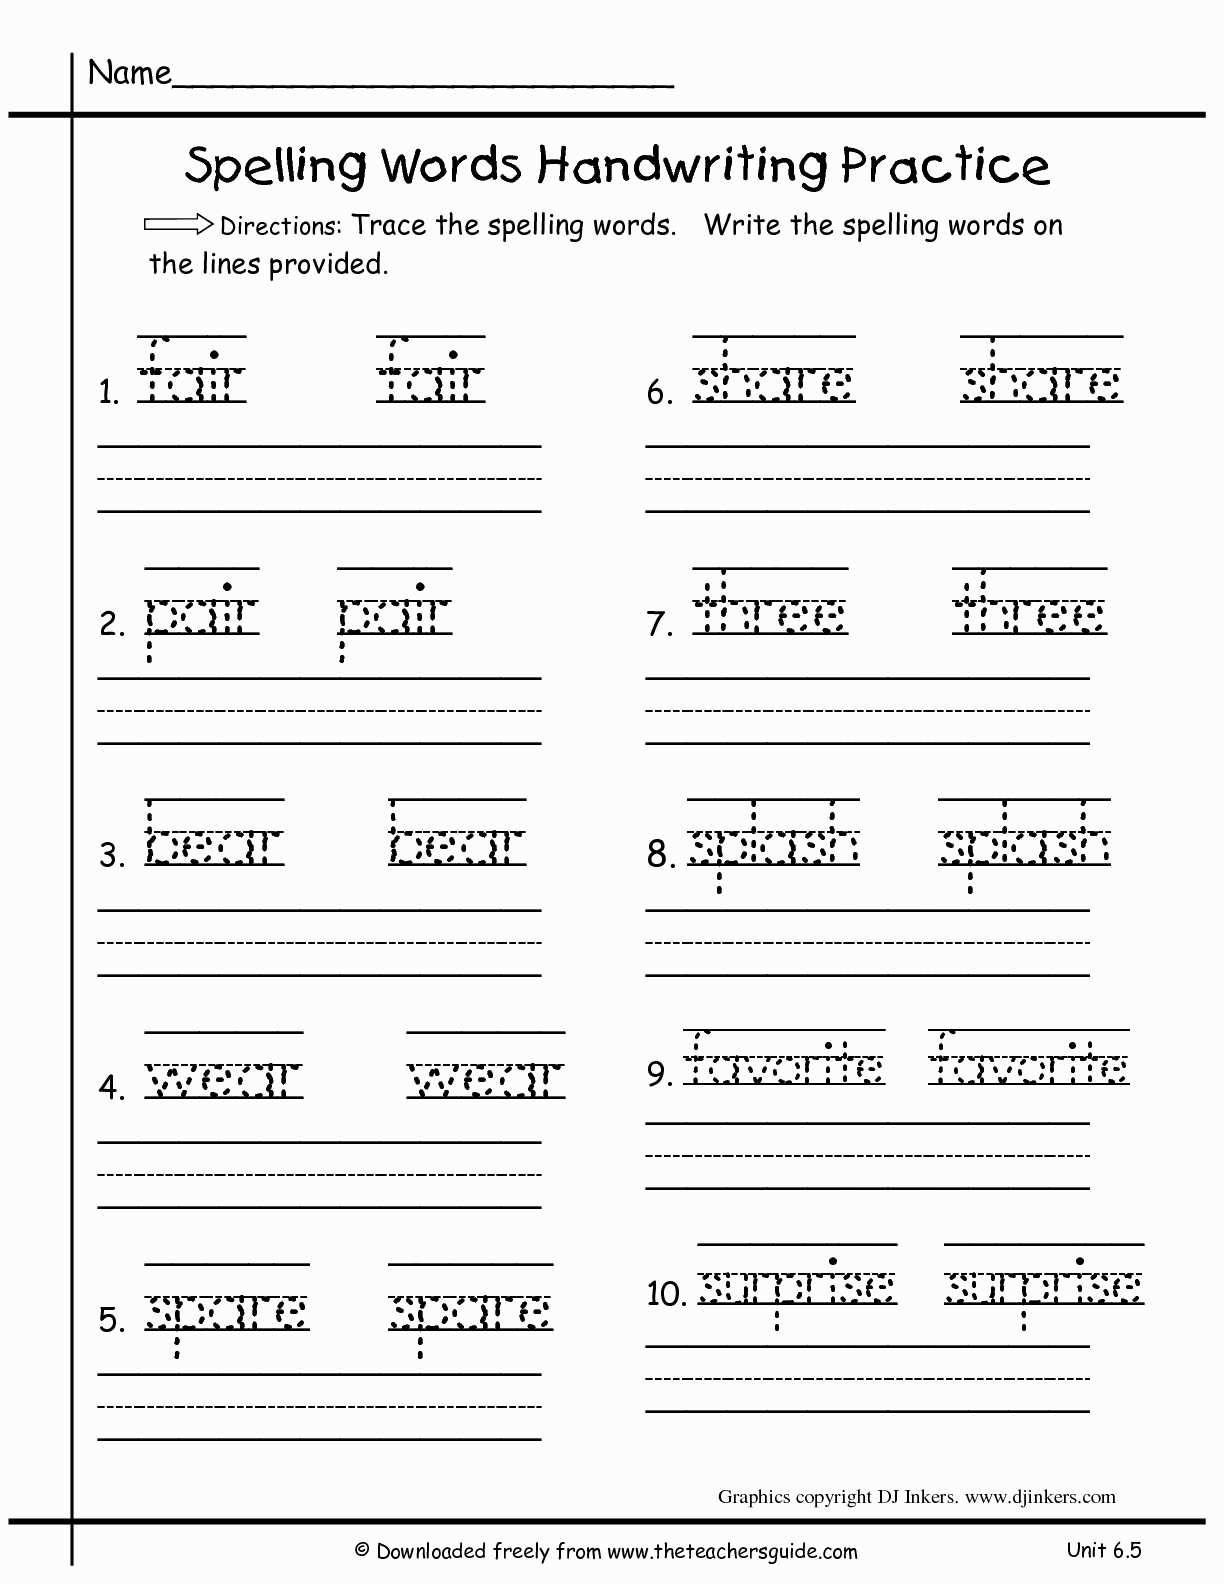 Worksheet : Free Printable Language Arts Worksheets For 1St Grade   Free Printable Worksheets For 1St Grade Language Arts